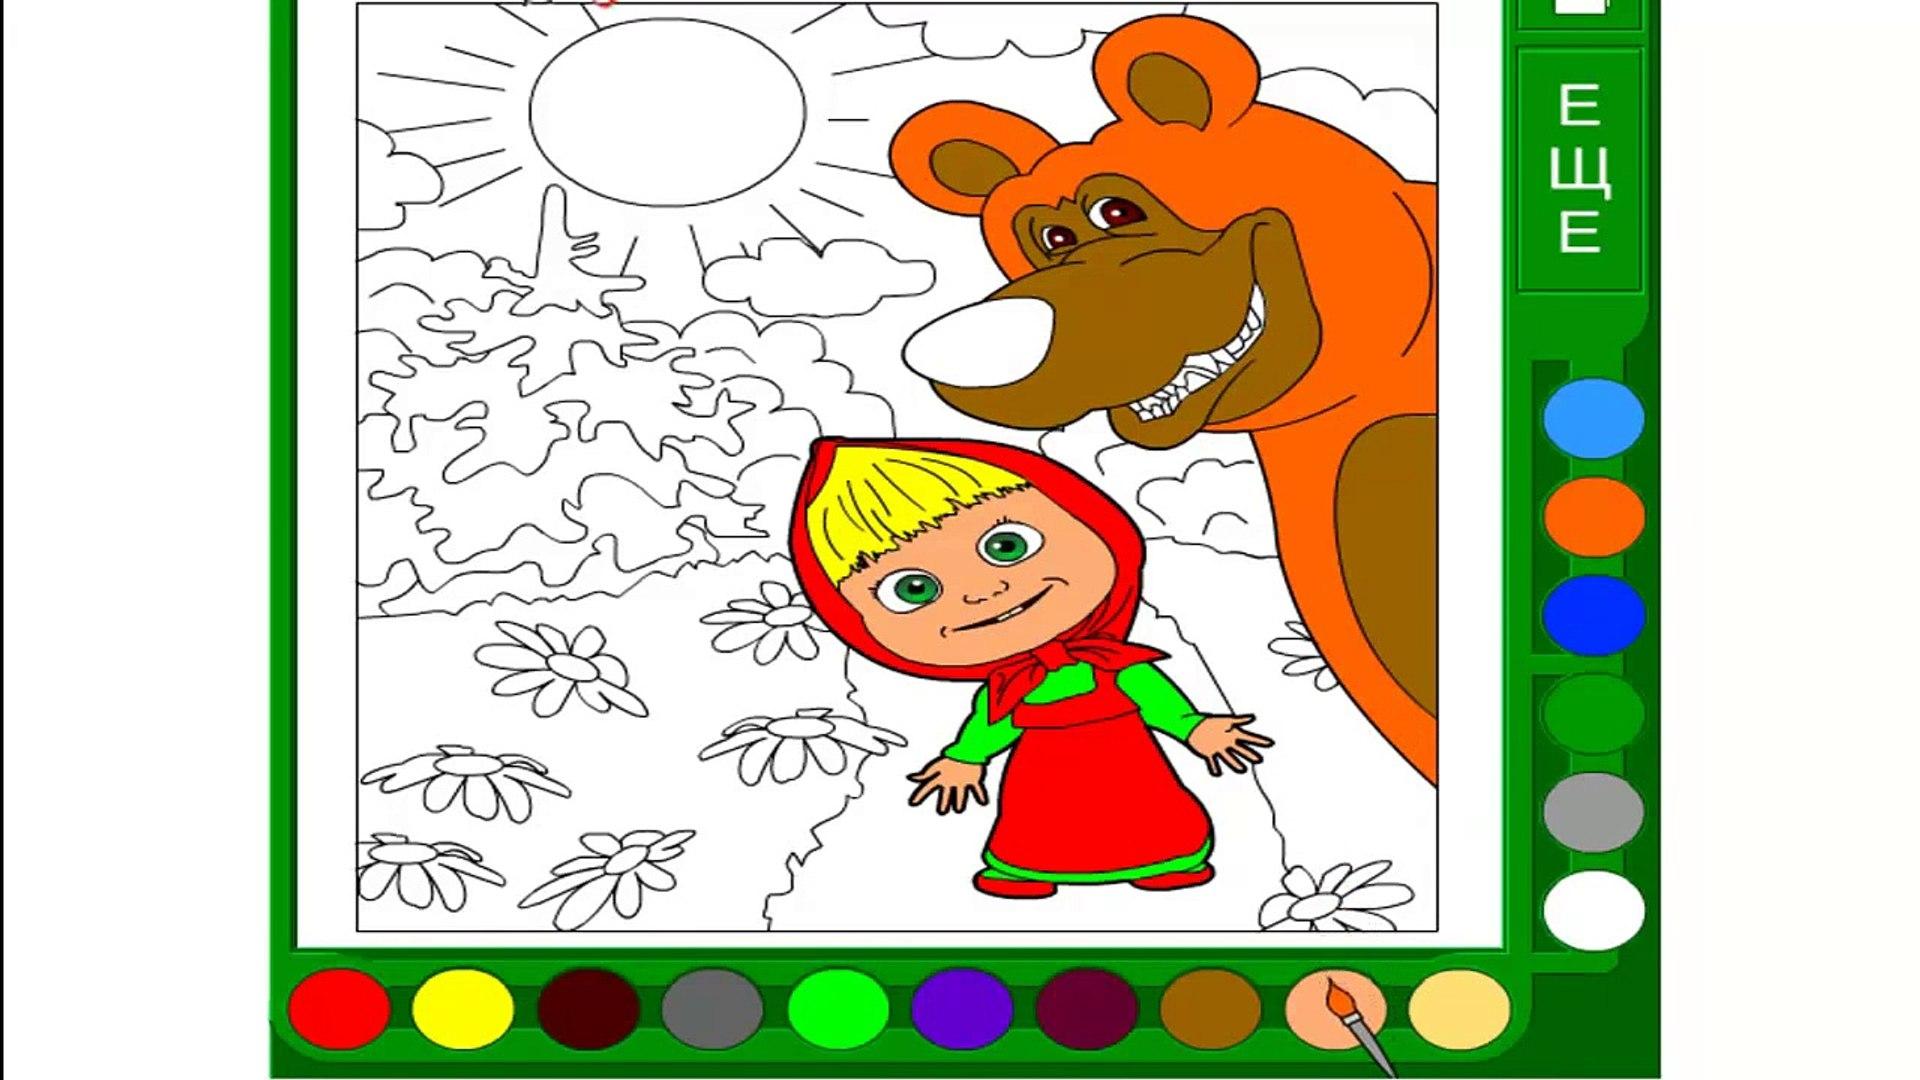 Развивающая игра раскраска для детей с Машей и Мишей